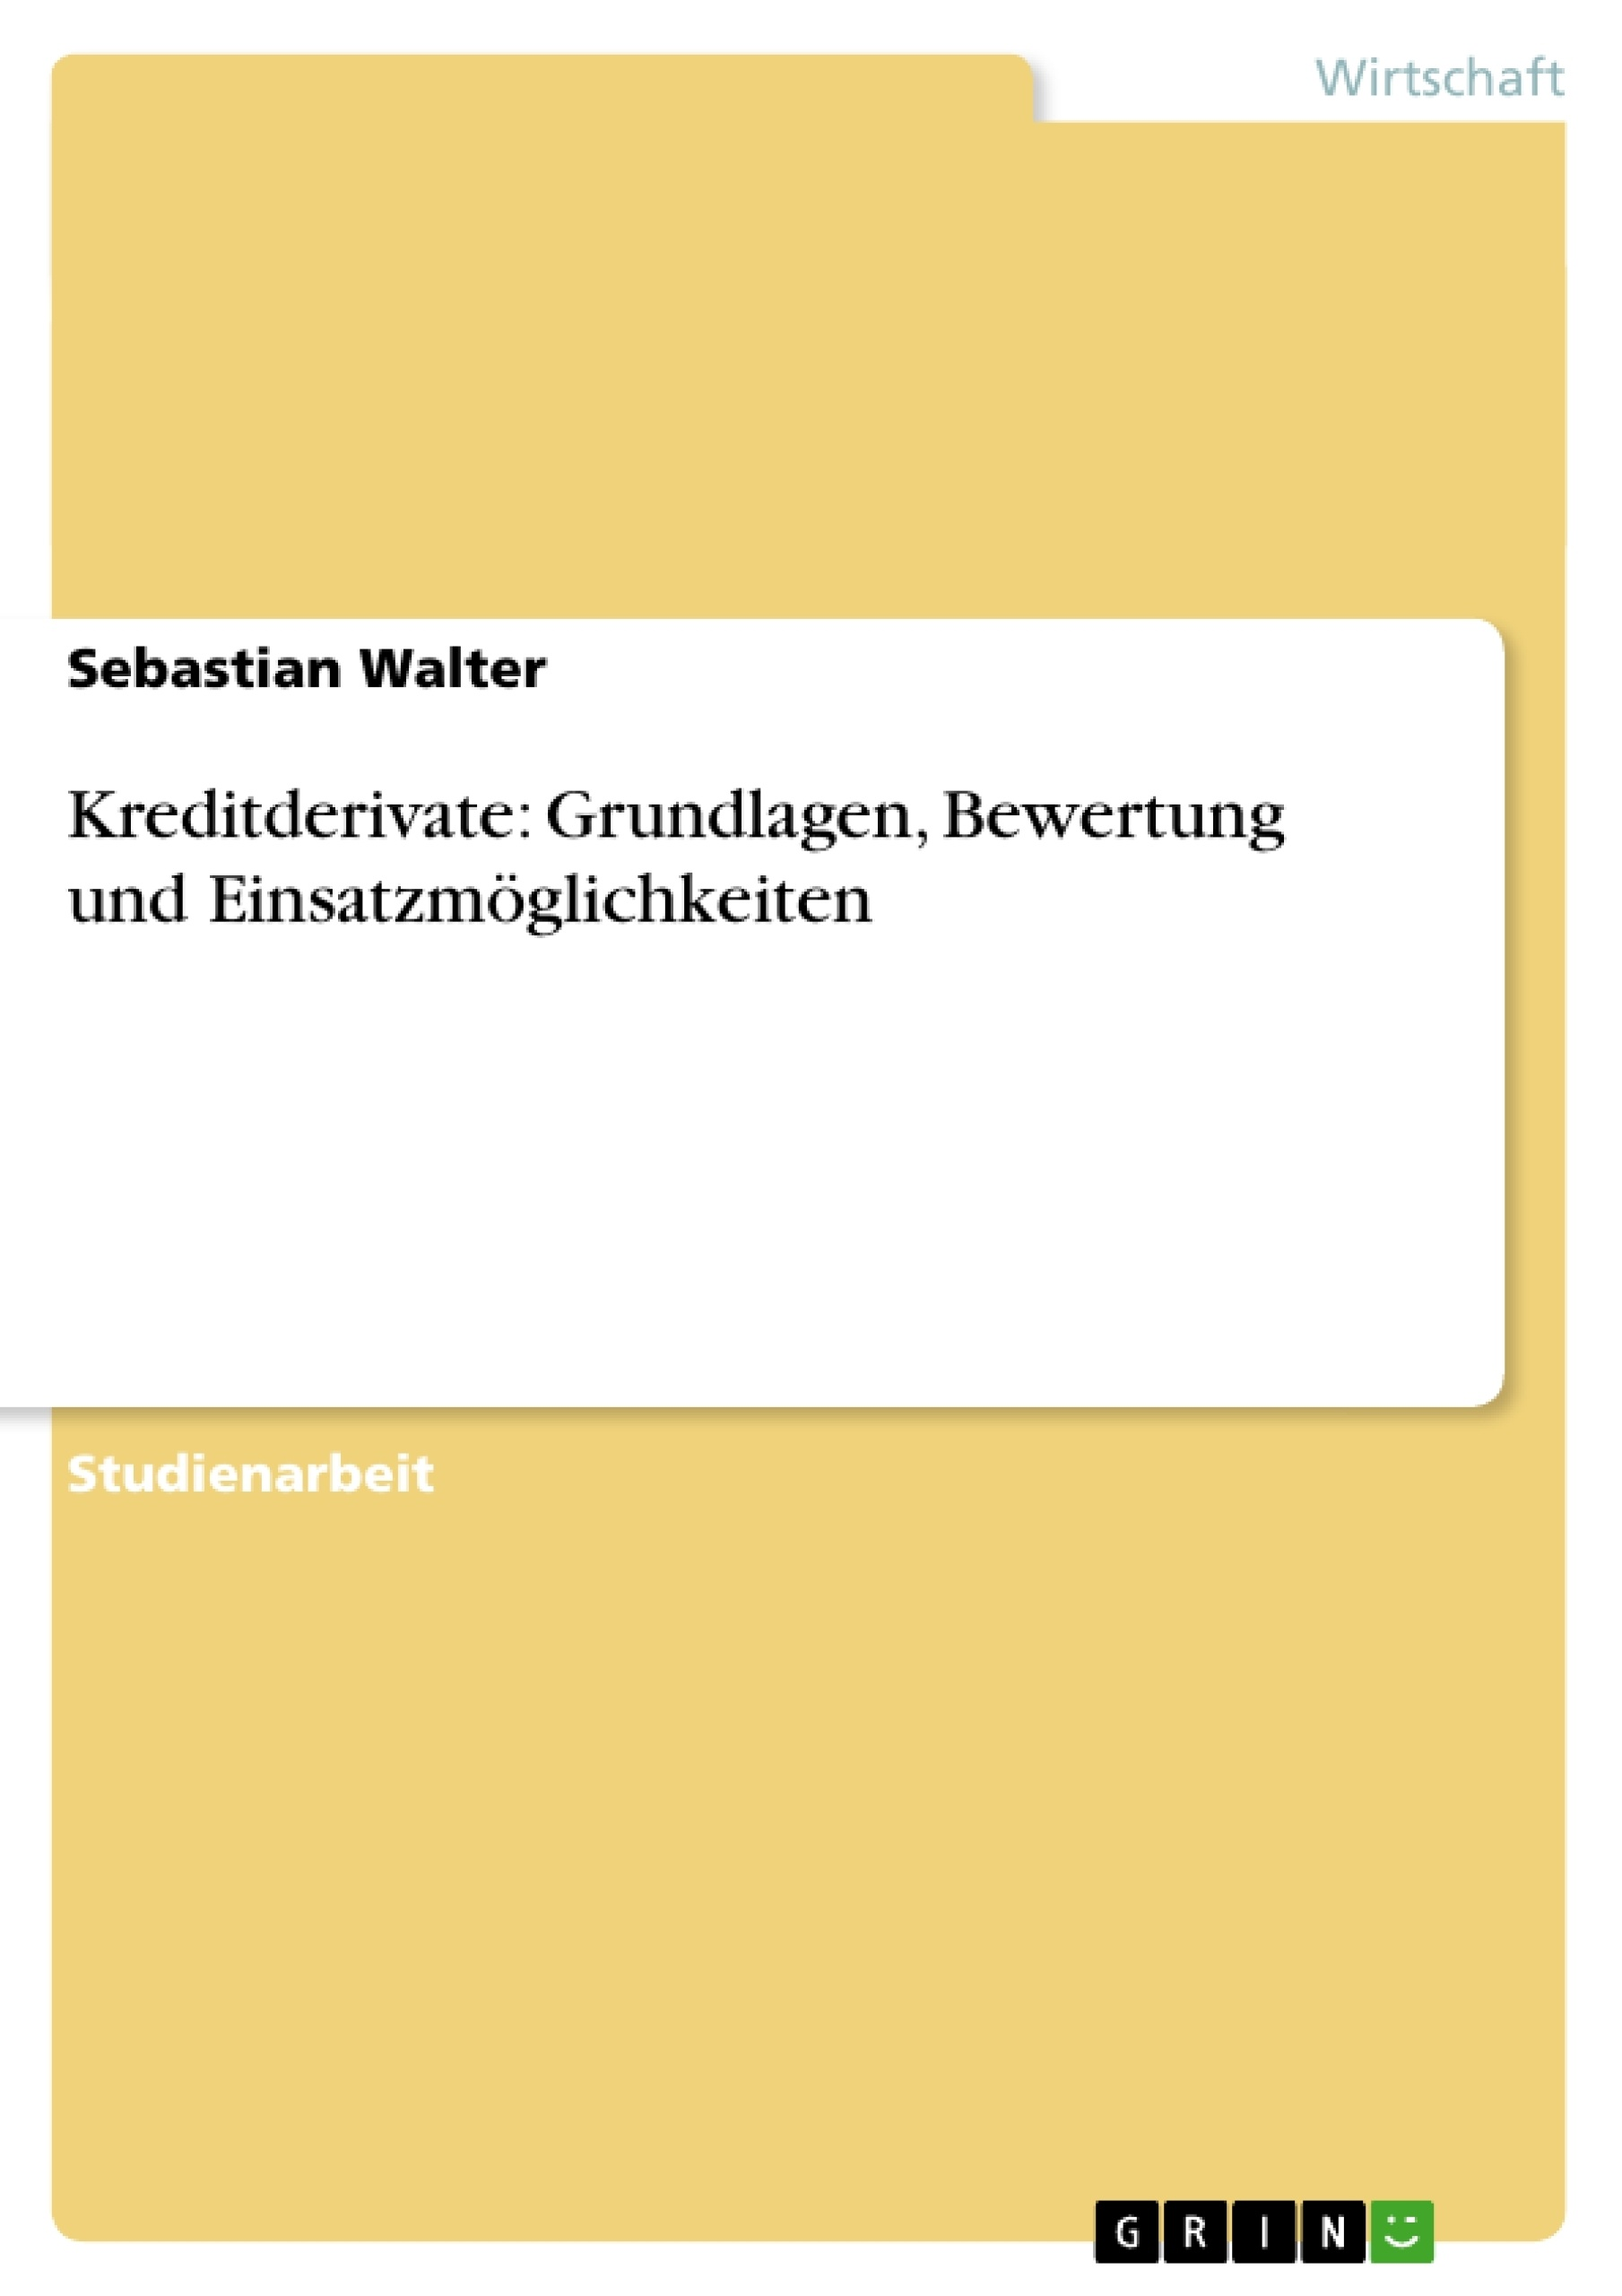 Titel: Kreditderivate: Grundlagen, Bewertung und Einsatzmöglichkeiten